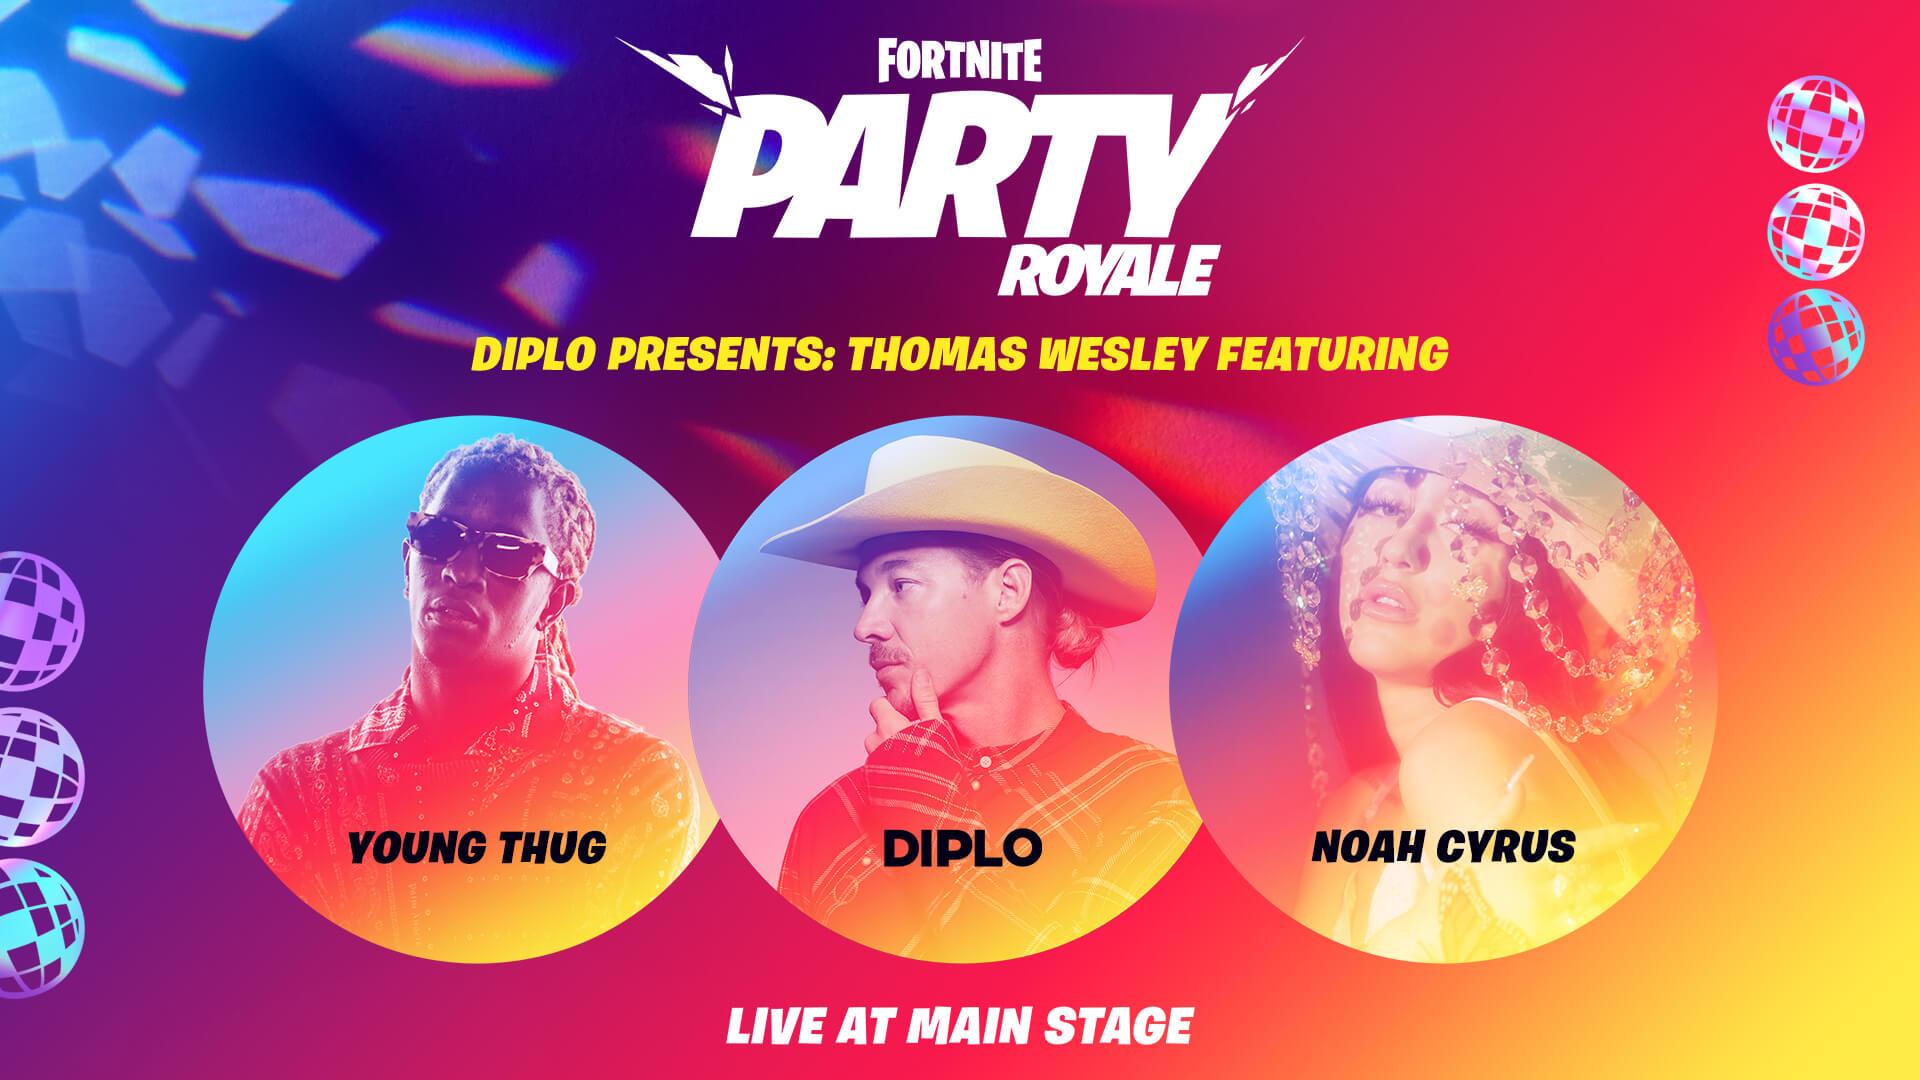 Diplo Presents Thomas Wesley Fortnite Premiere